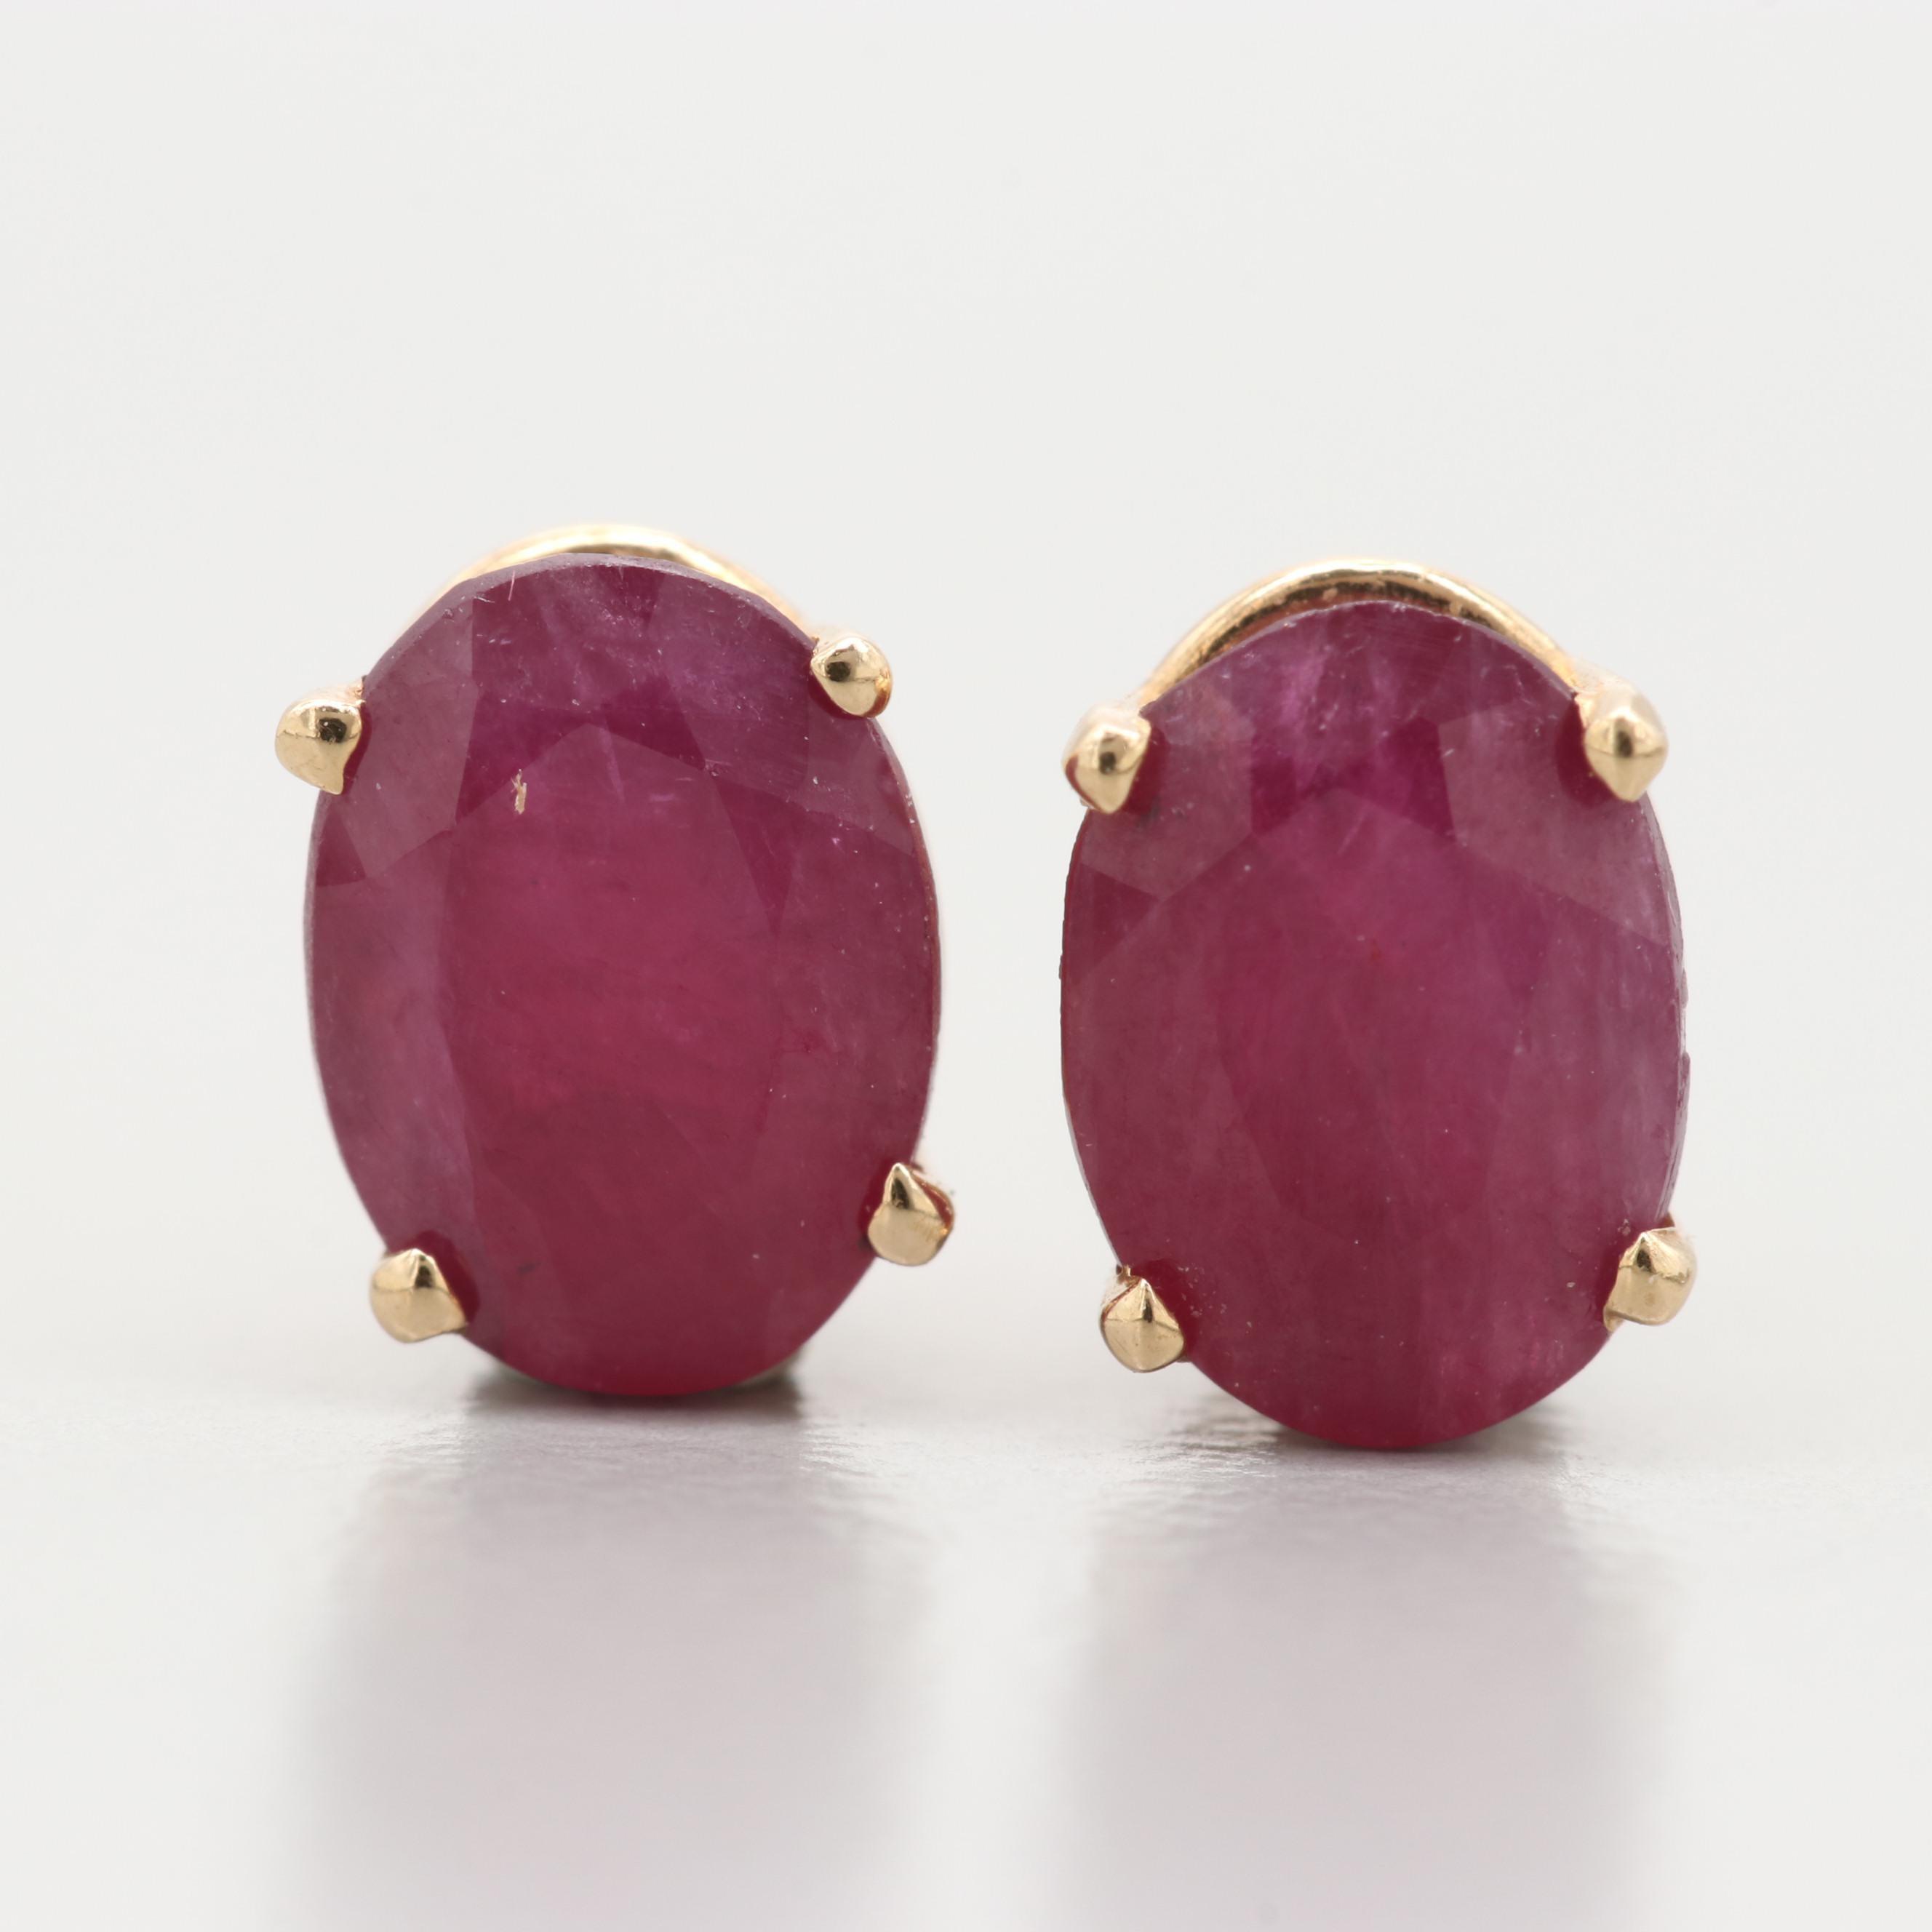 14K Yellow Gold Ruby Stud Earrings